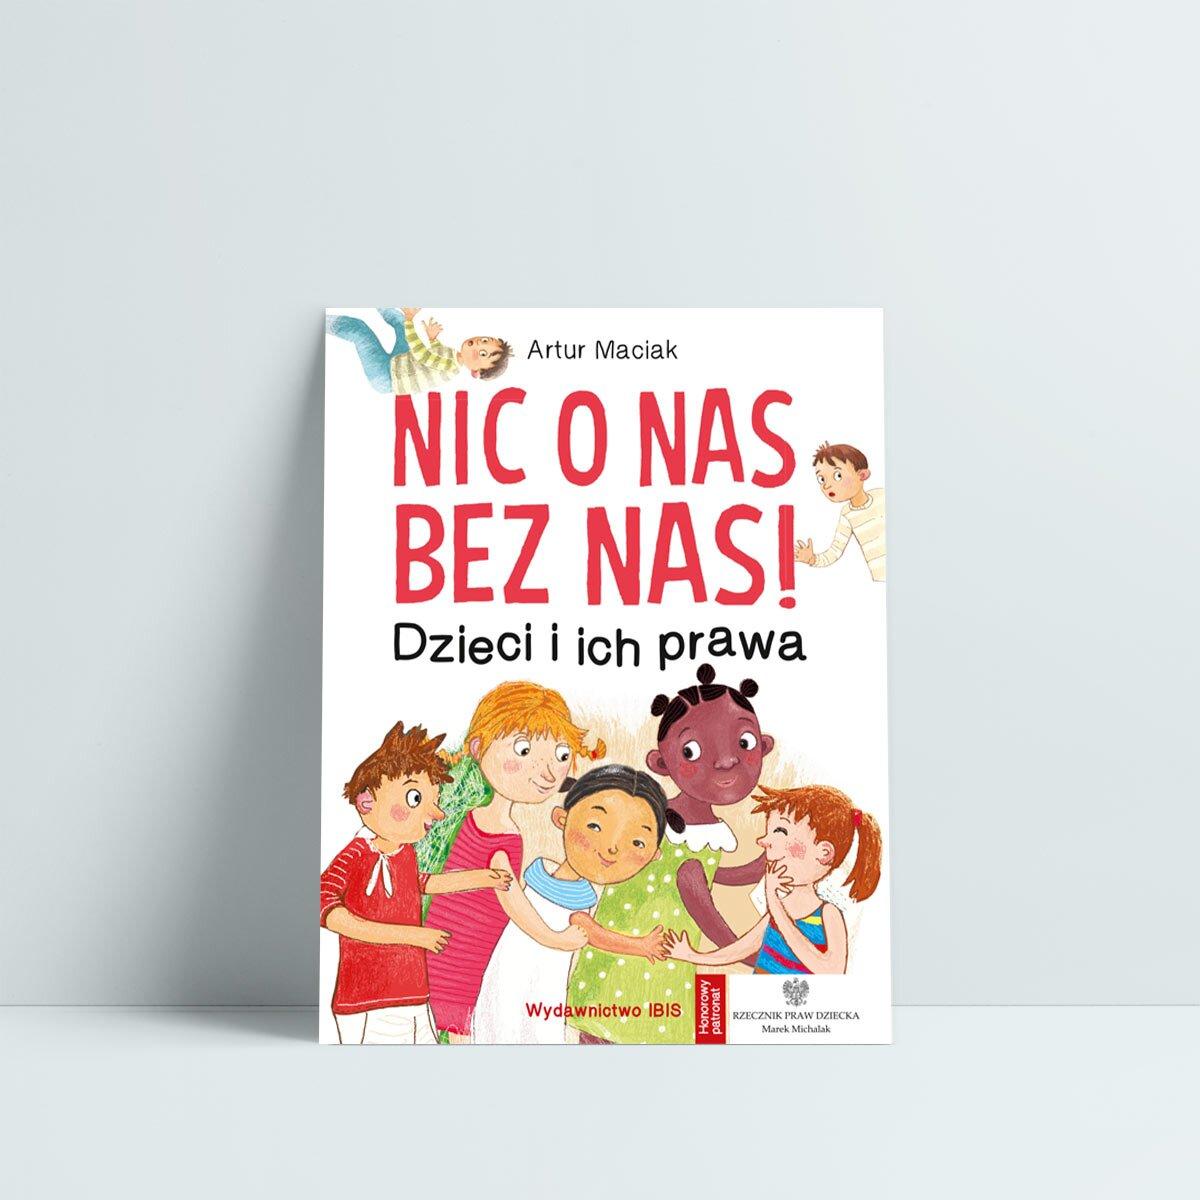 nic o nas bez nas książka bezpłatna do prenumeraty rocznej Kumpla